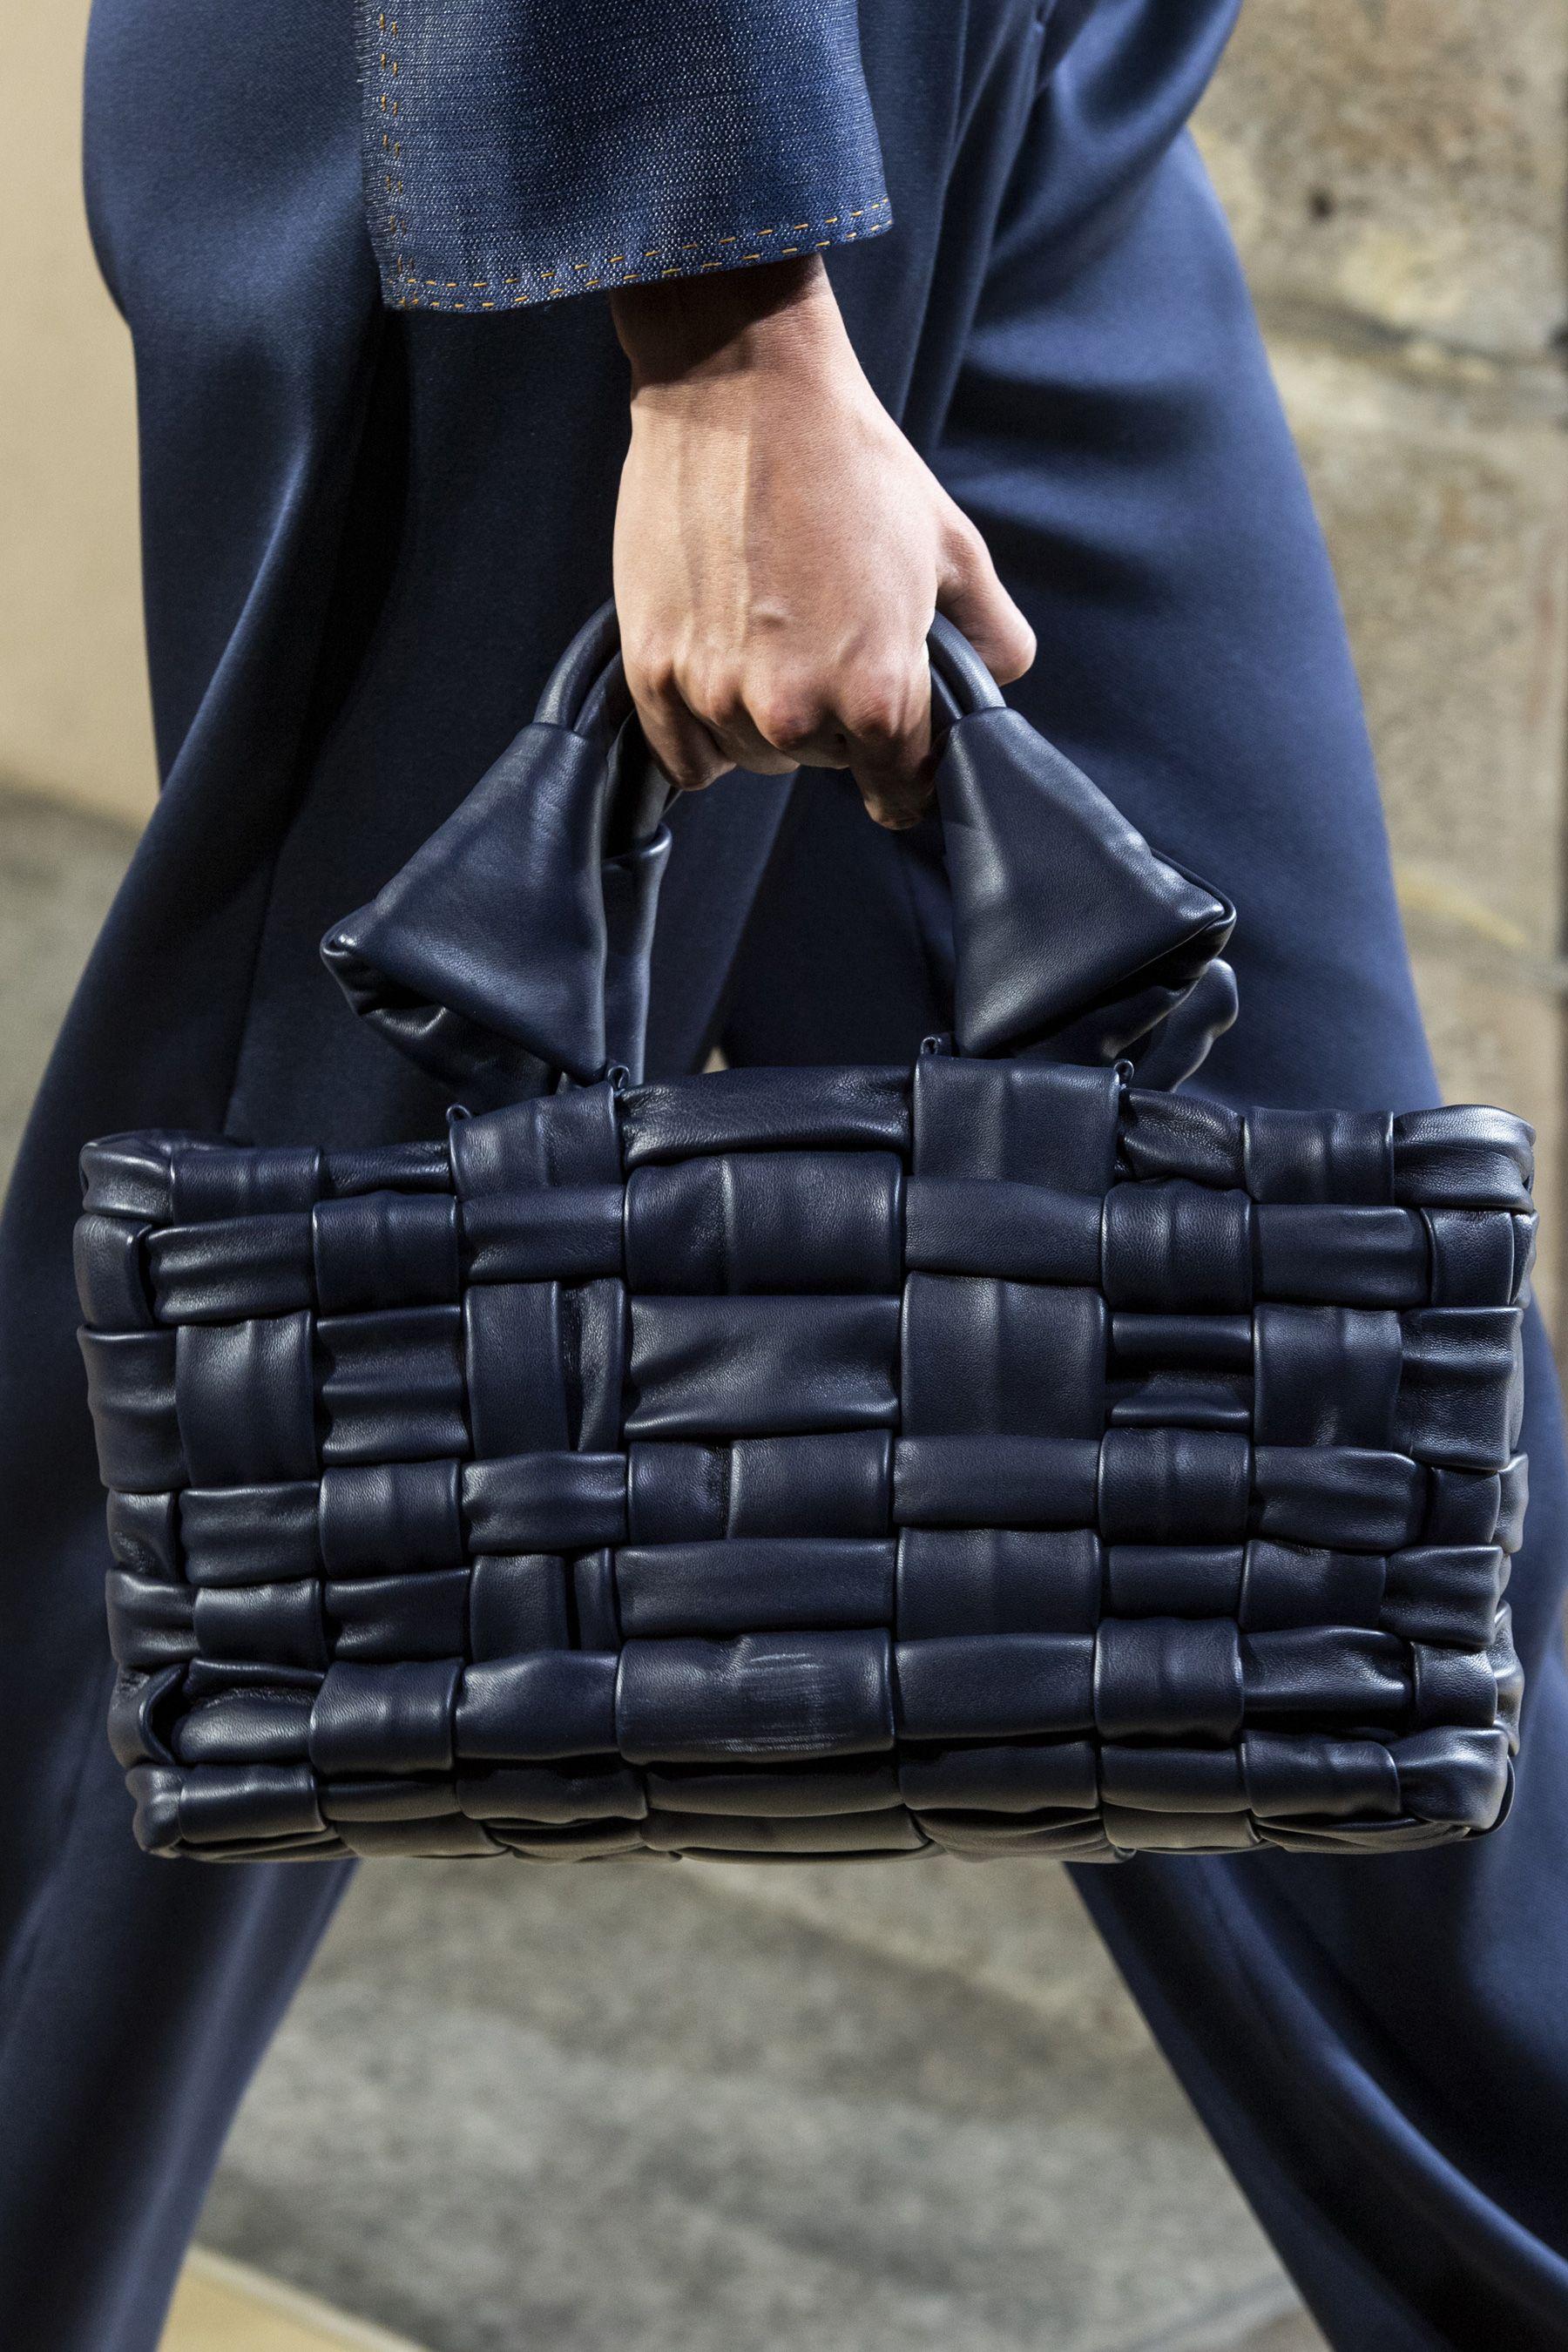 Giorgio Armani Spring 2020 Men S Fashion Show Details Fashion Handbags Fashion Bags Handmade Leather Tote Bag